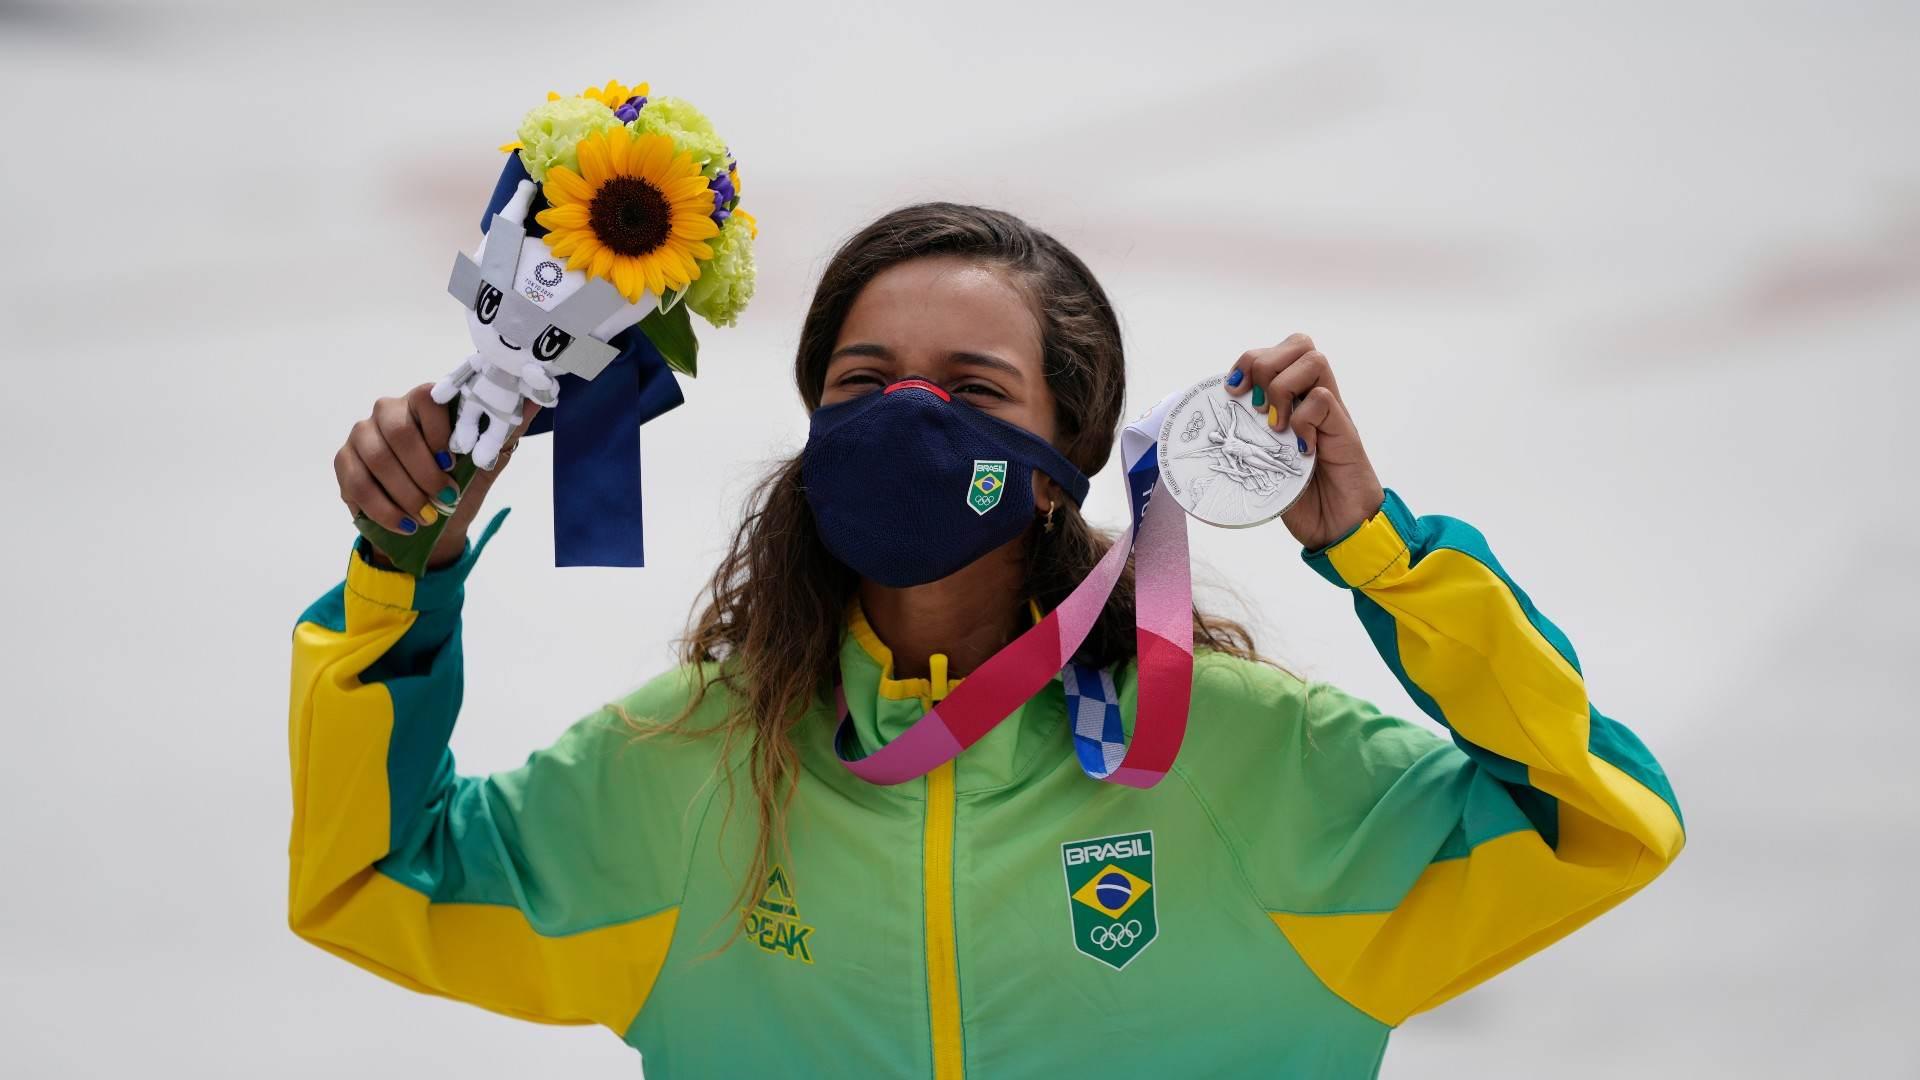 Com apenas 13 anos, skatista brasileira Rayssa Leal ganhou a prata no skate